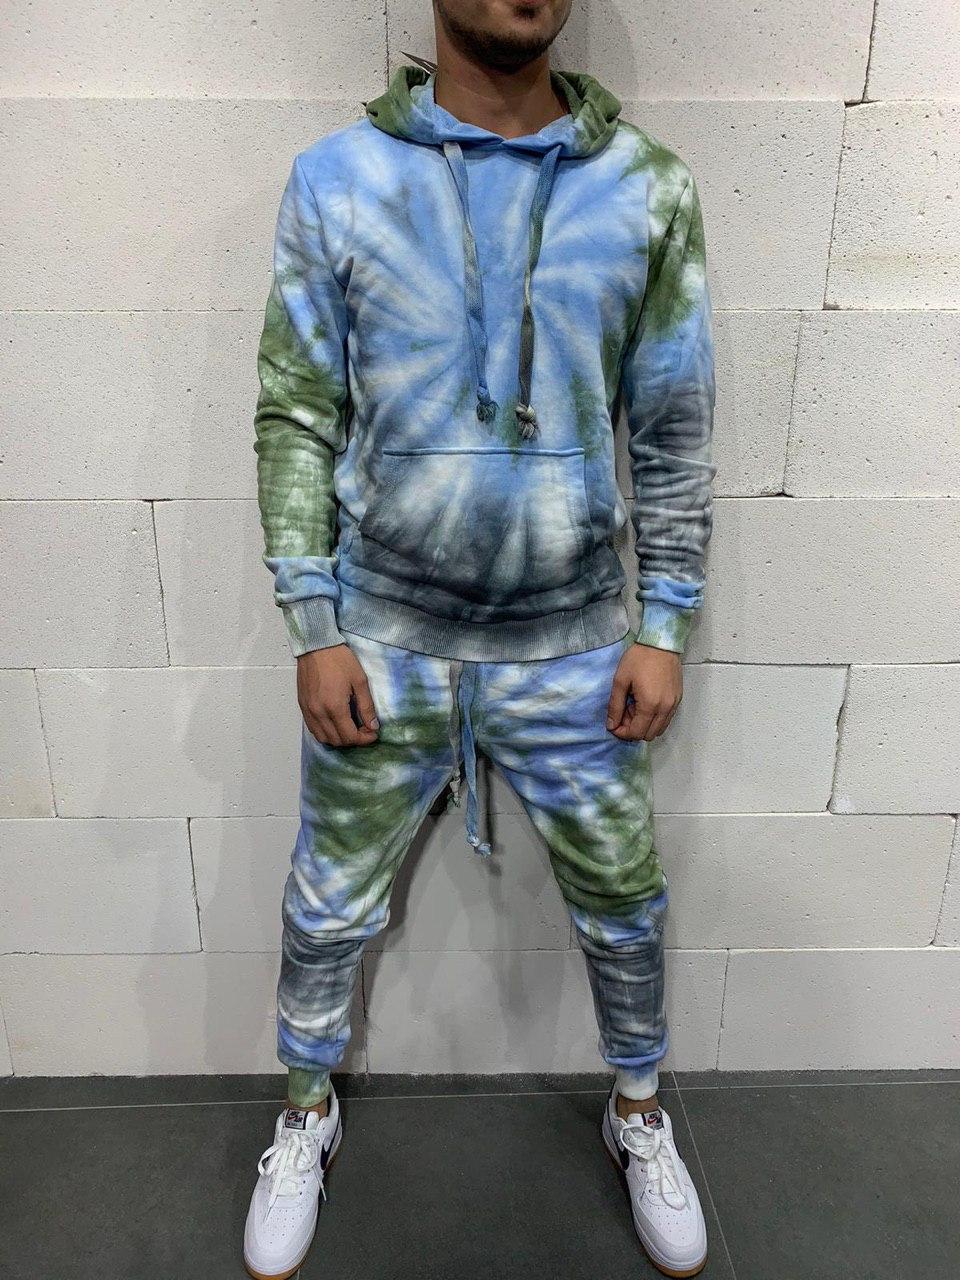 Спортивный костюм - Мужской спортивный костюм цветной (голубой, зеленый, серый)